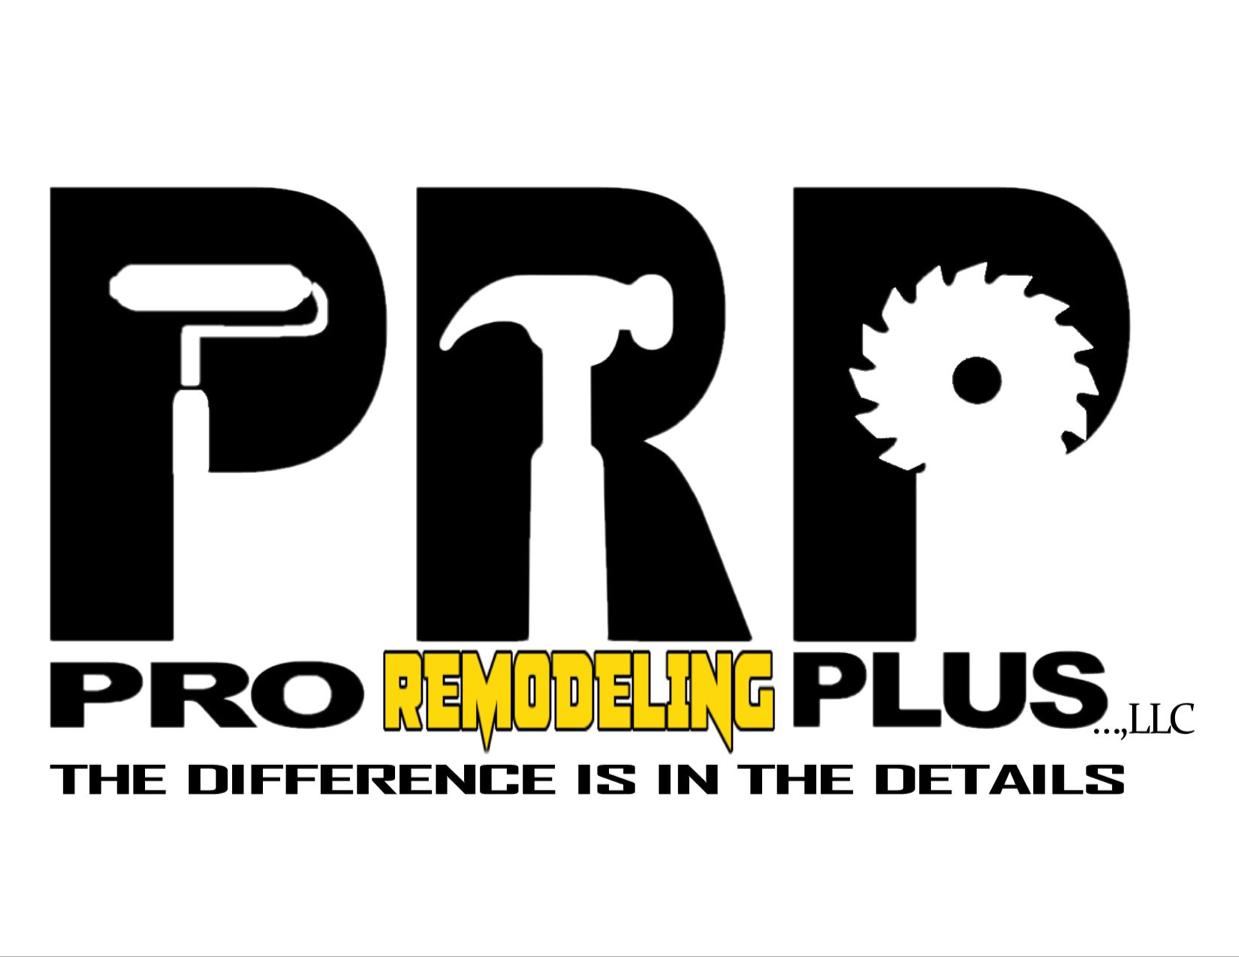 Pro Remodeling Plus LLC logo